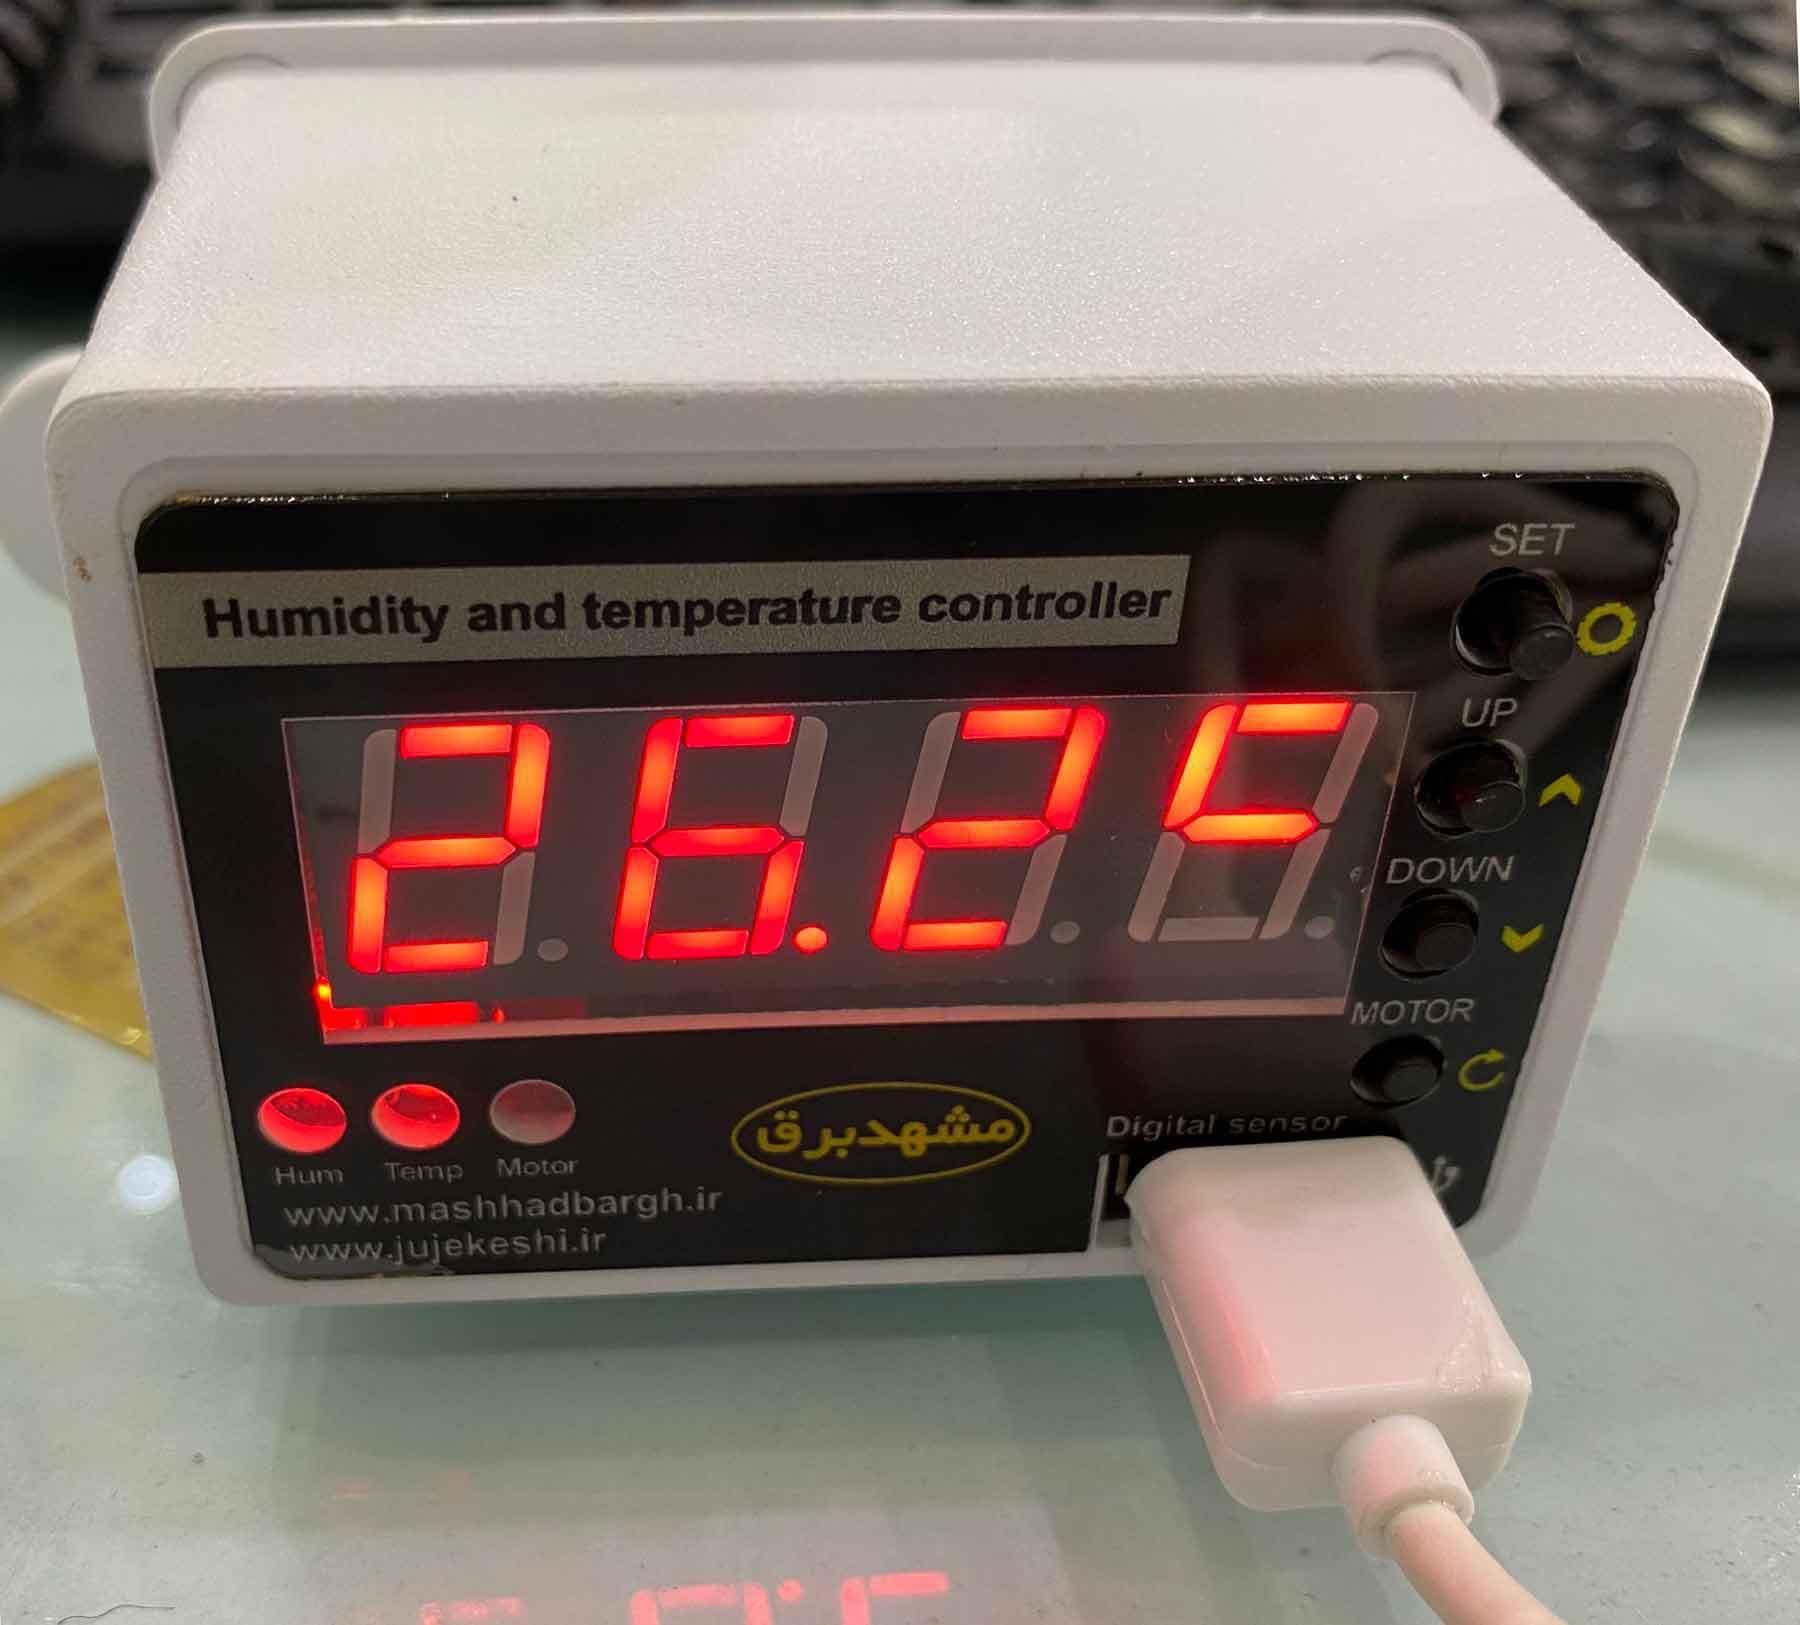 خرید کیت کنترلر دستگاه جوجه کشی از دی جی کالا dgkala